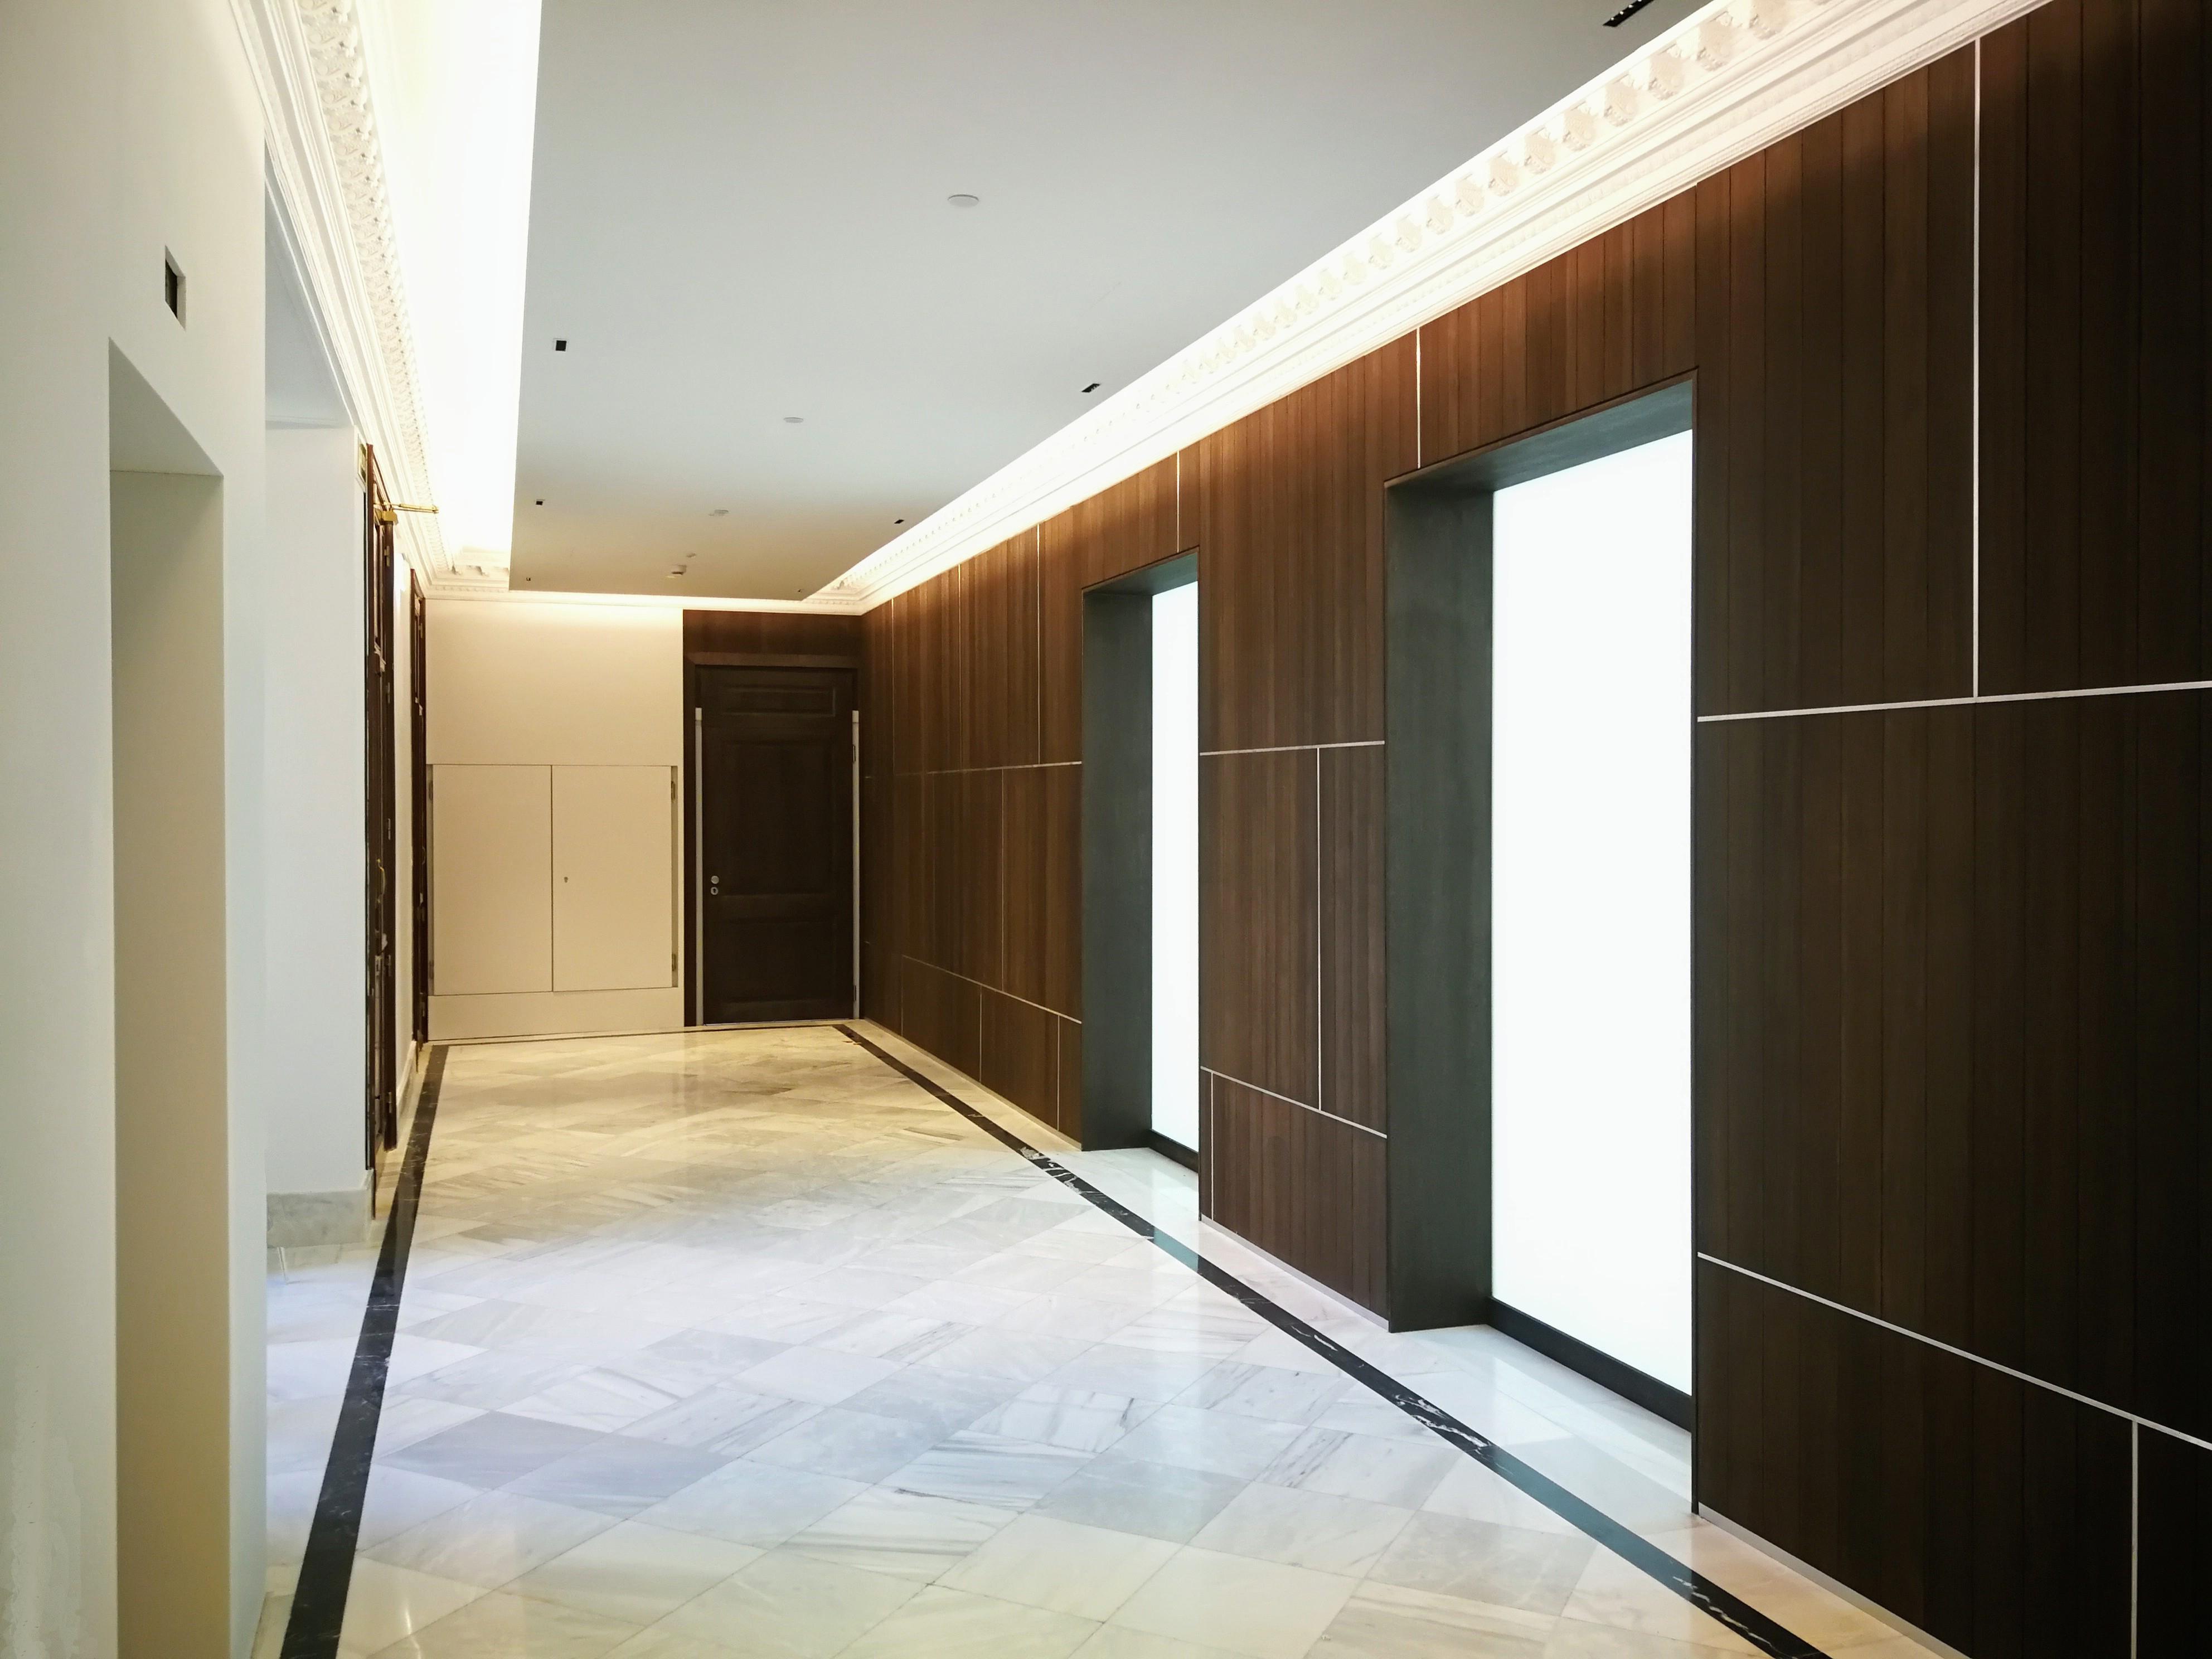 Edificio de oficinas Fortuny. PROARQ - Arquitectos Madrid